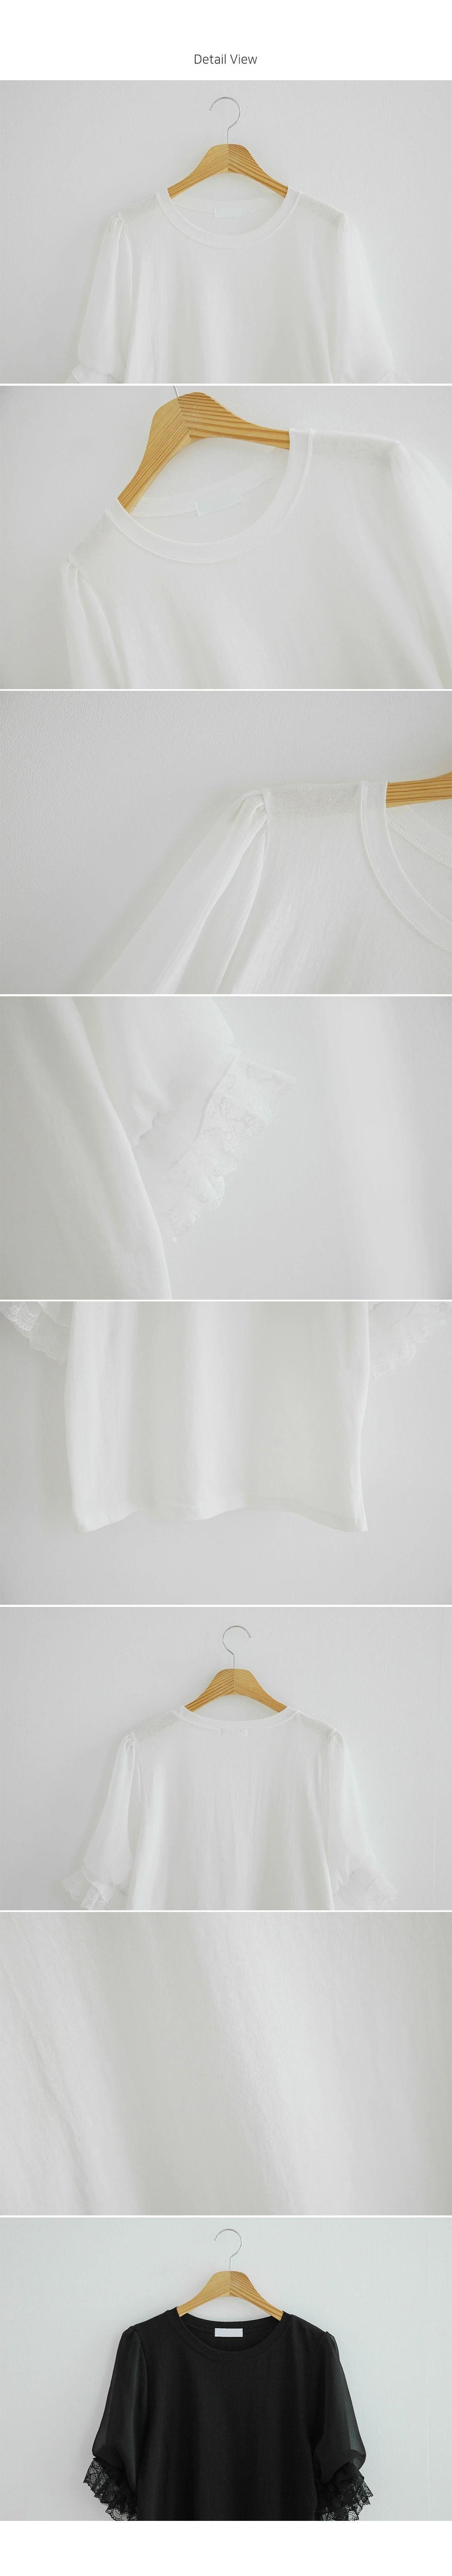 時尚蕾絲袖口上衣